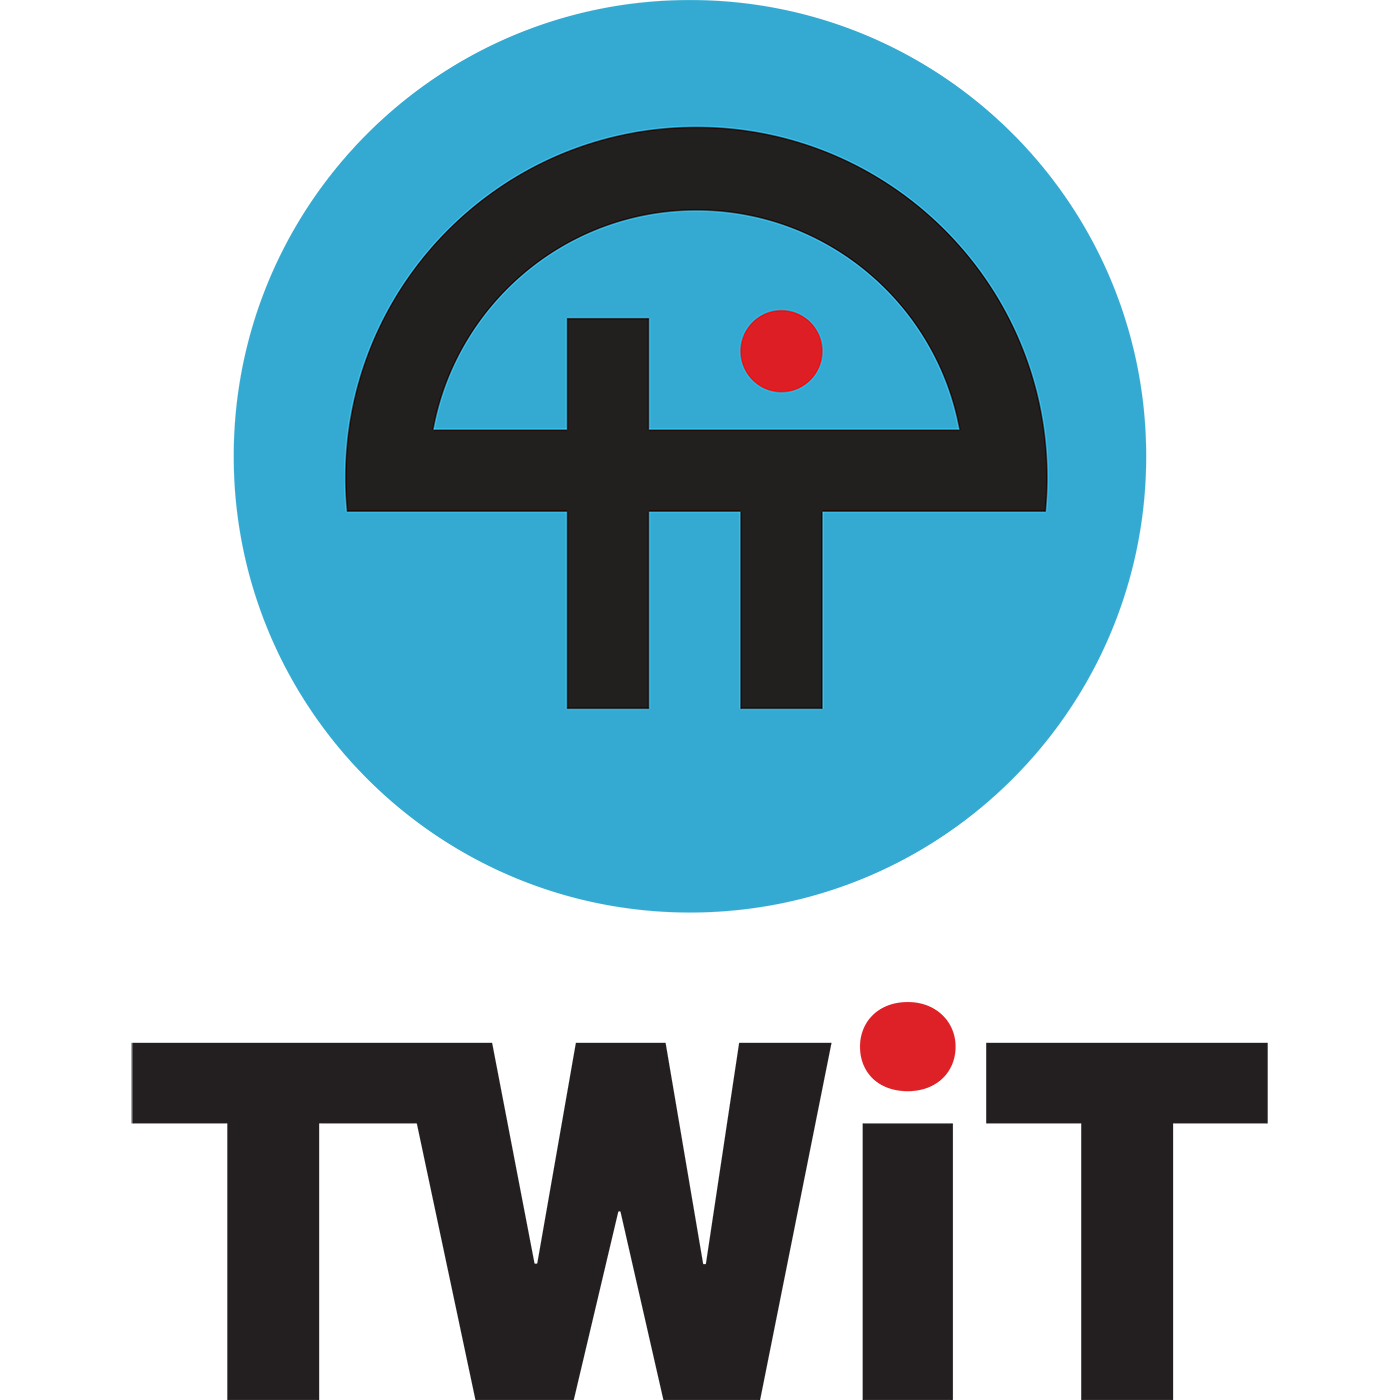 TWiT Stickers messages sticker-0